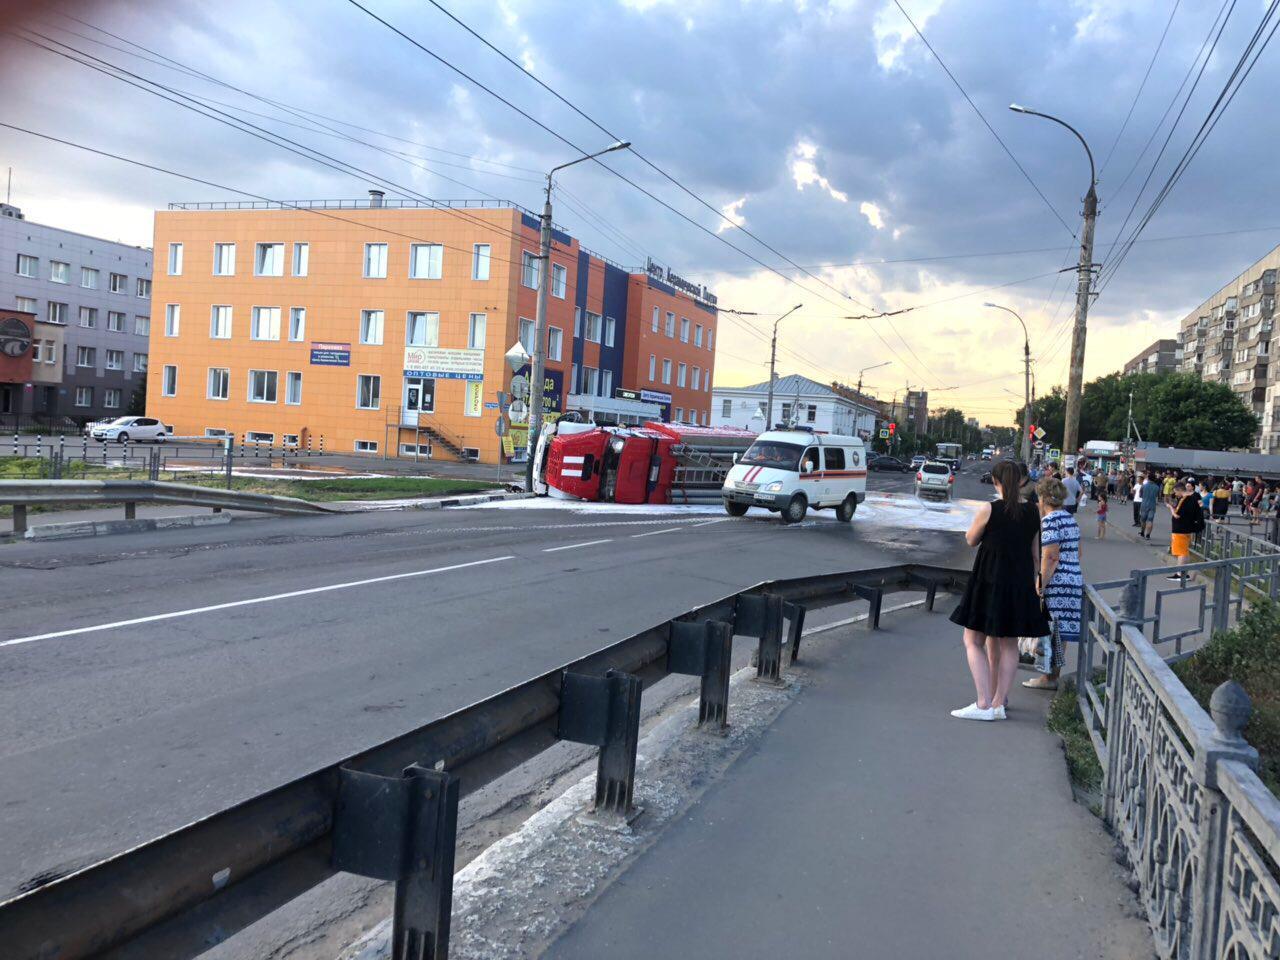 В центре Тамбова перевернулась пожарная машина